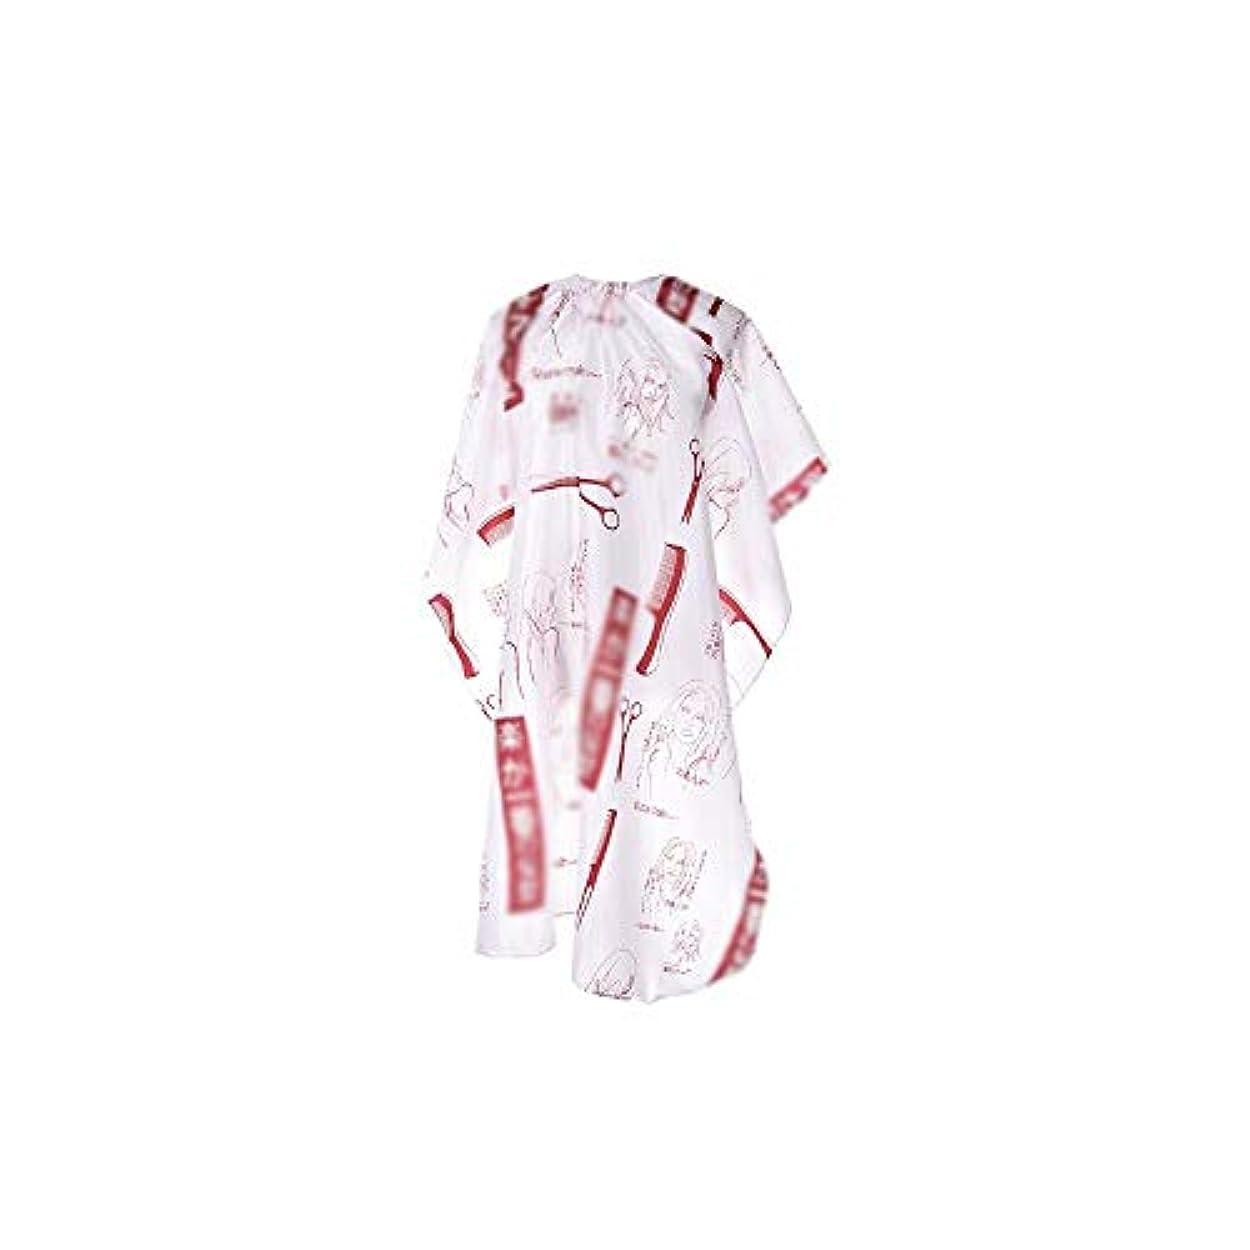 キャプテンブライ好きである石灰岩ナイロンスモック防水ロングガウン化粧ひげトリミングマントサロン理髪ケープ モデリングツール (色 : レッド)